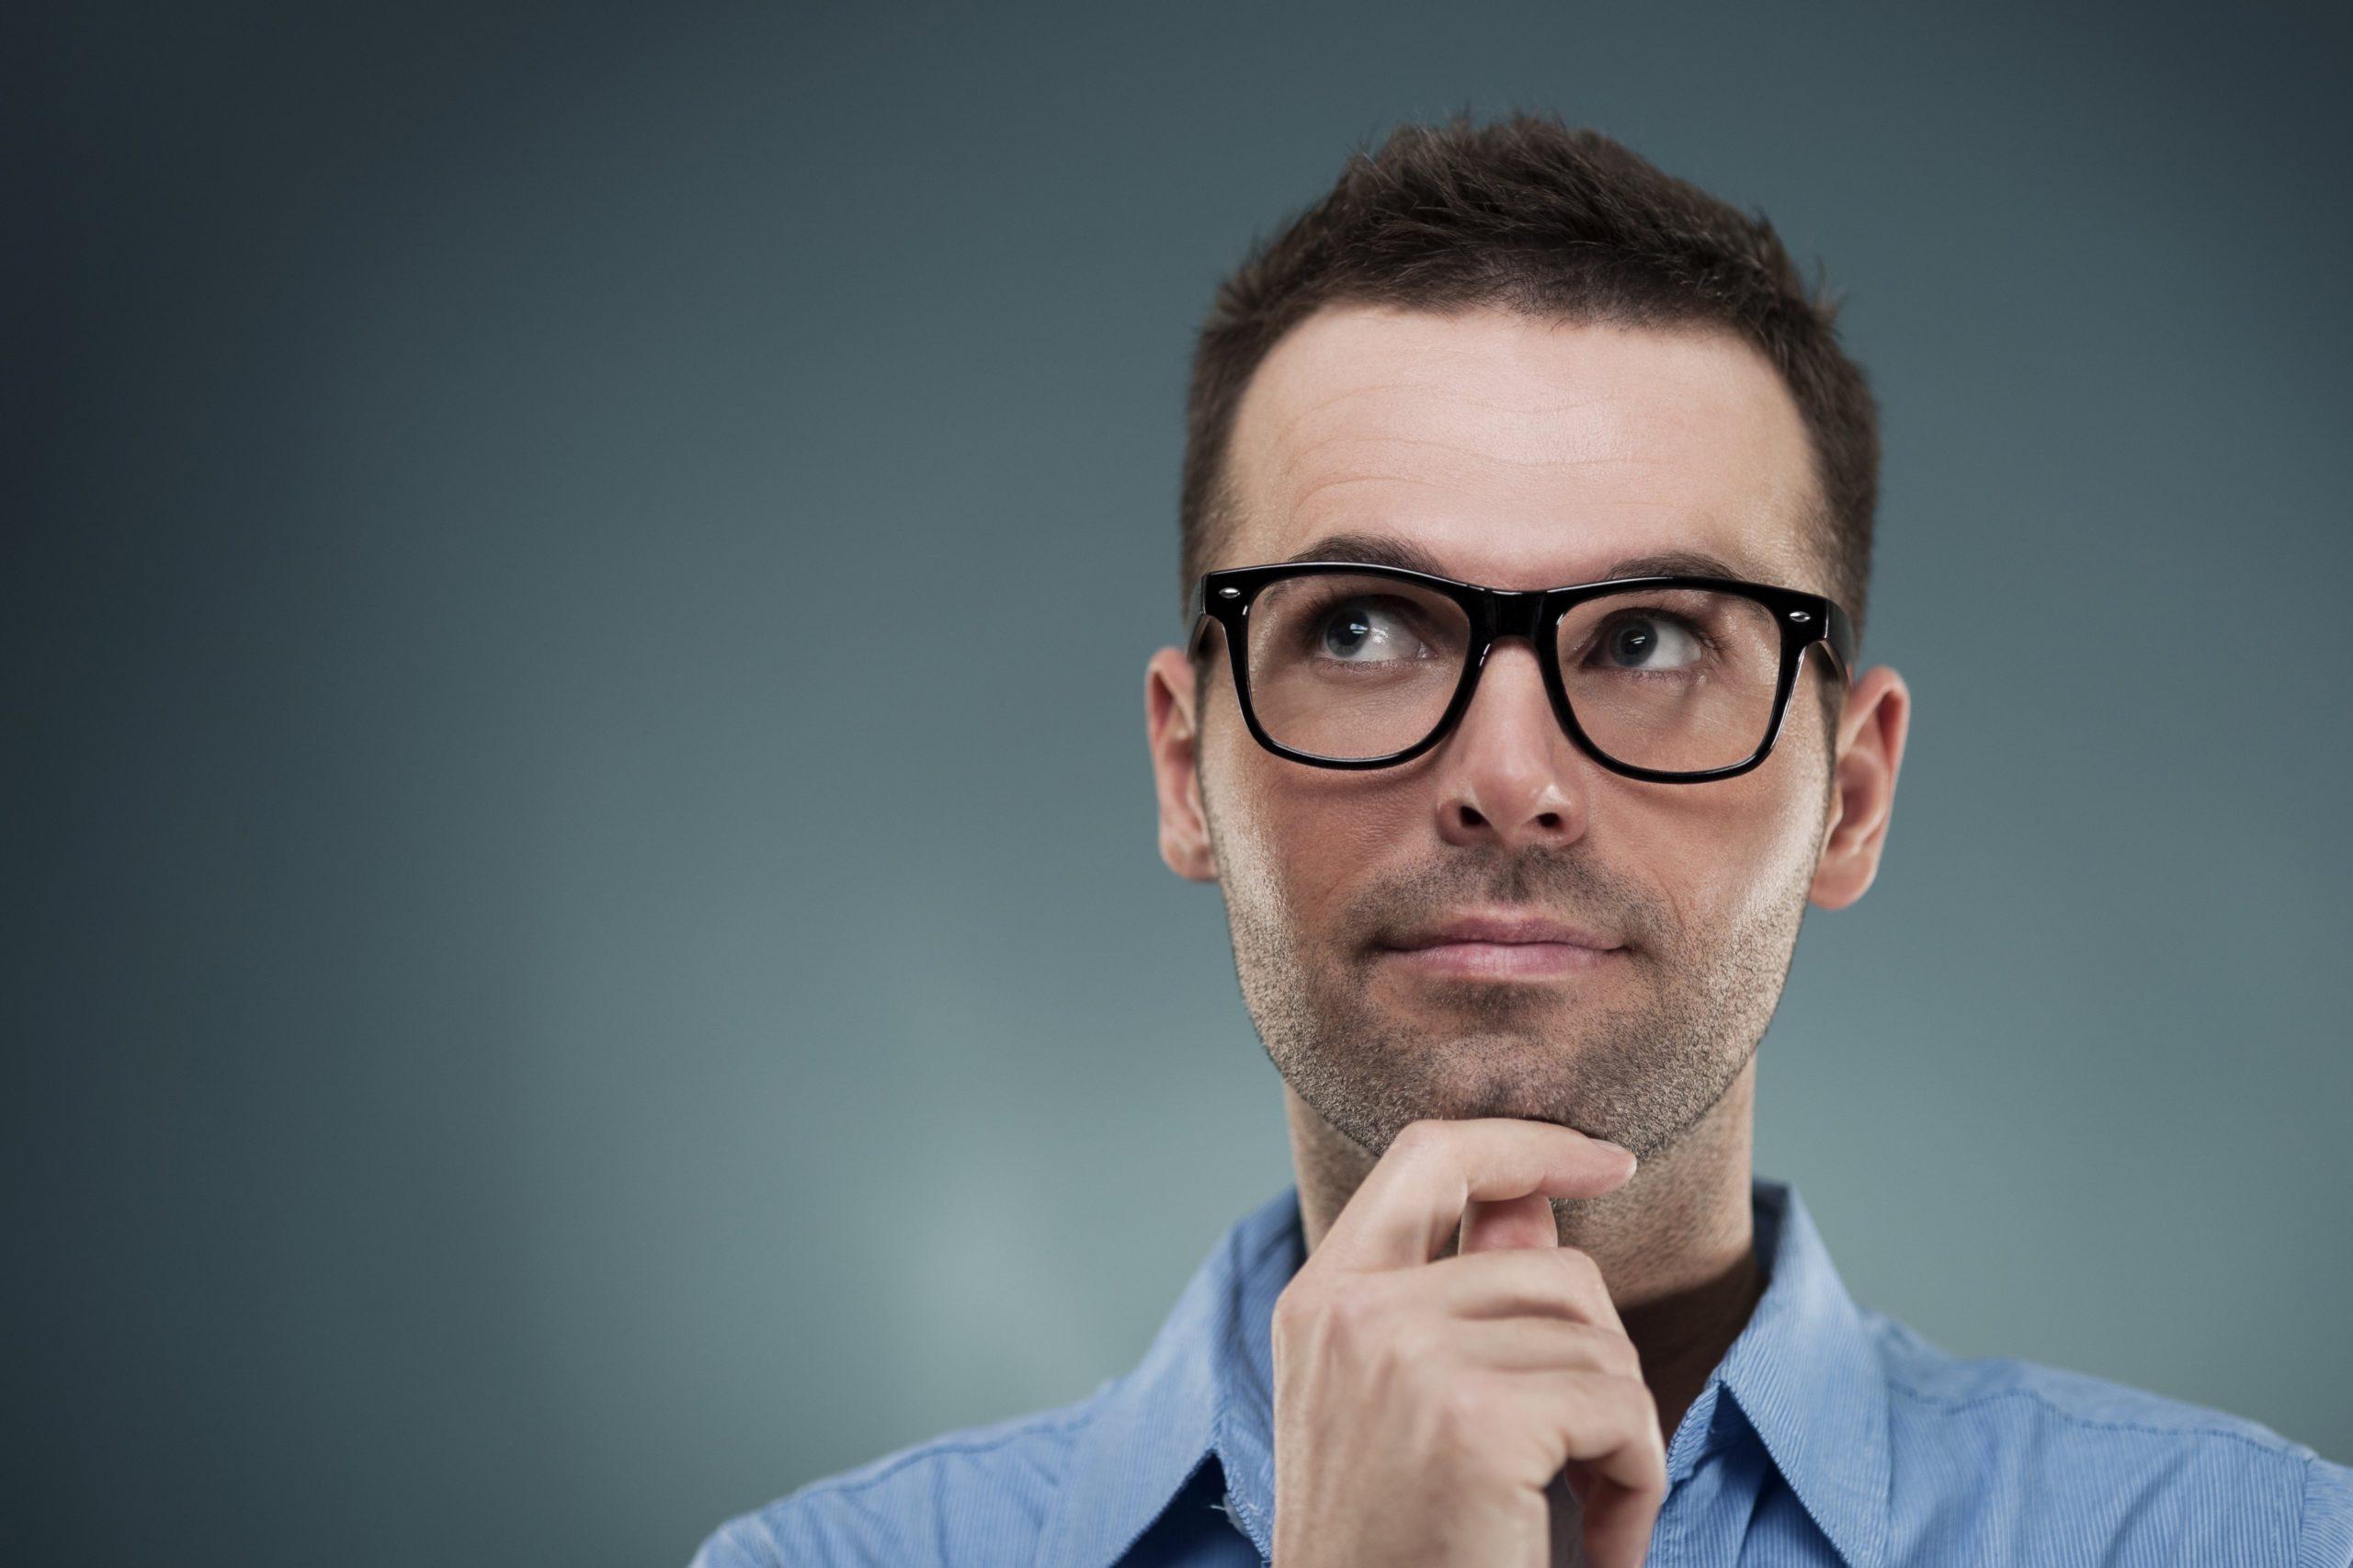 Eleştirel düşünmeyi düşünmenin bir başka yolu, kendini yöneten, kendini izleyen, kendini disiplinli ve düzeltici bir düşünme yöntemi olmasıdır.